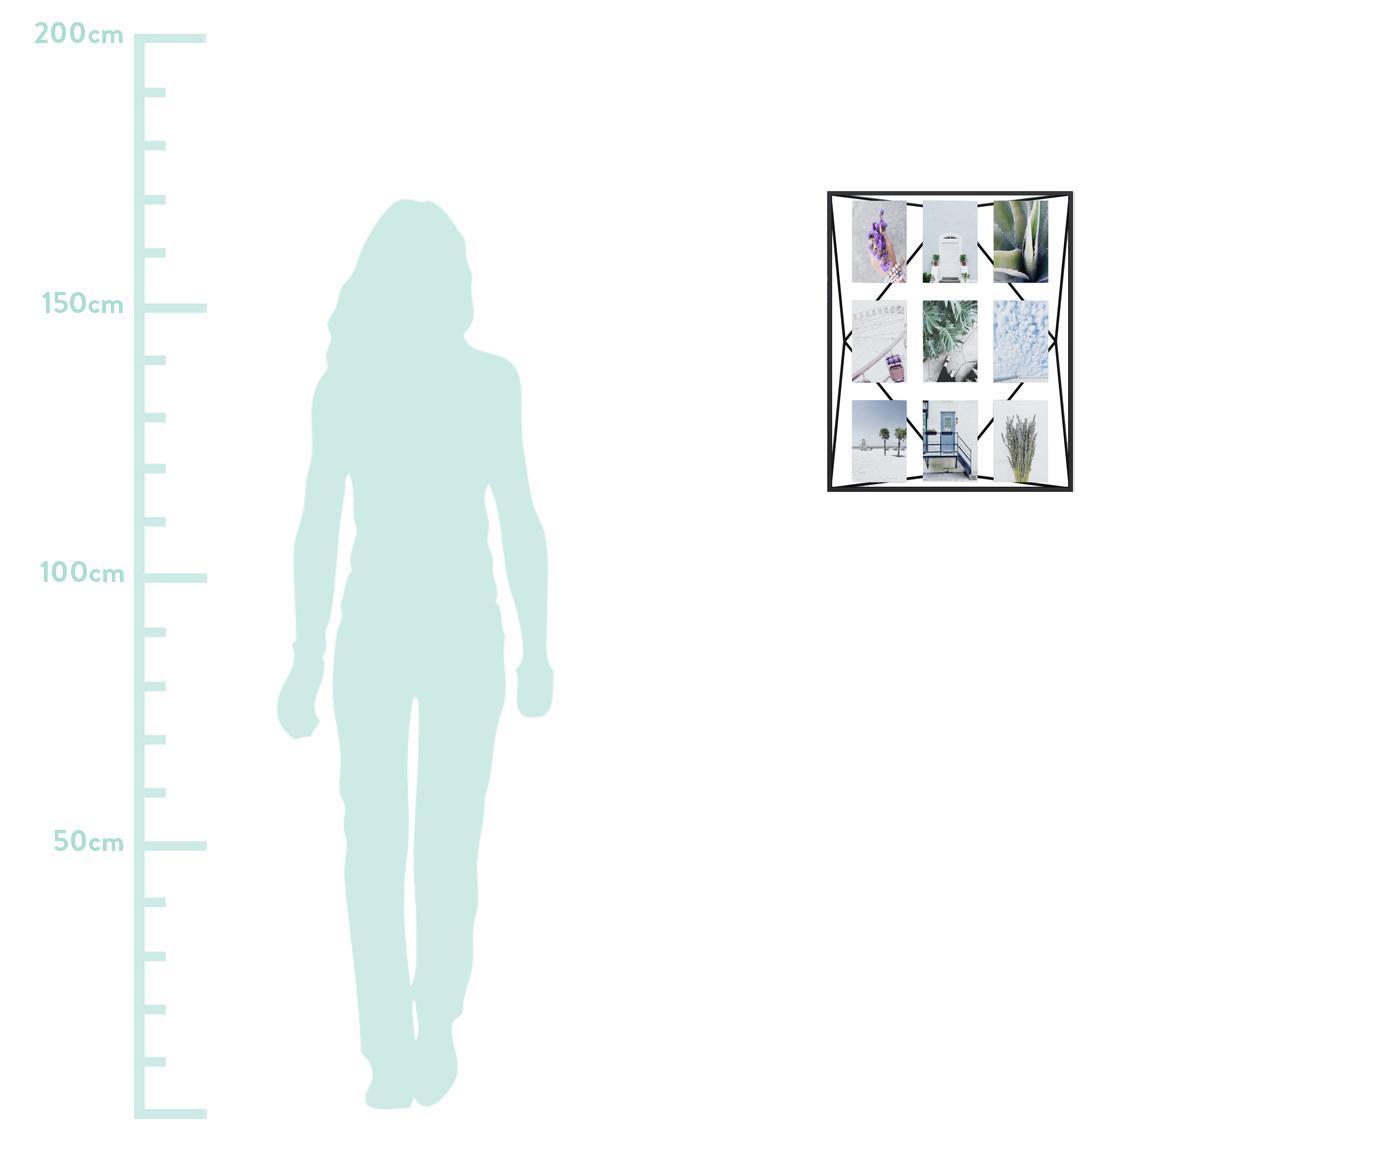 Bilderrahmen Prisma, Metall, beschichtet, Schwarz, 10 x 15 cm